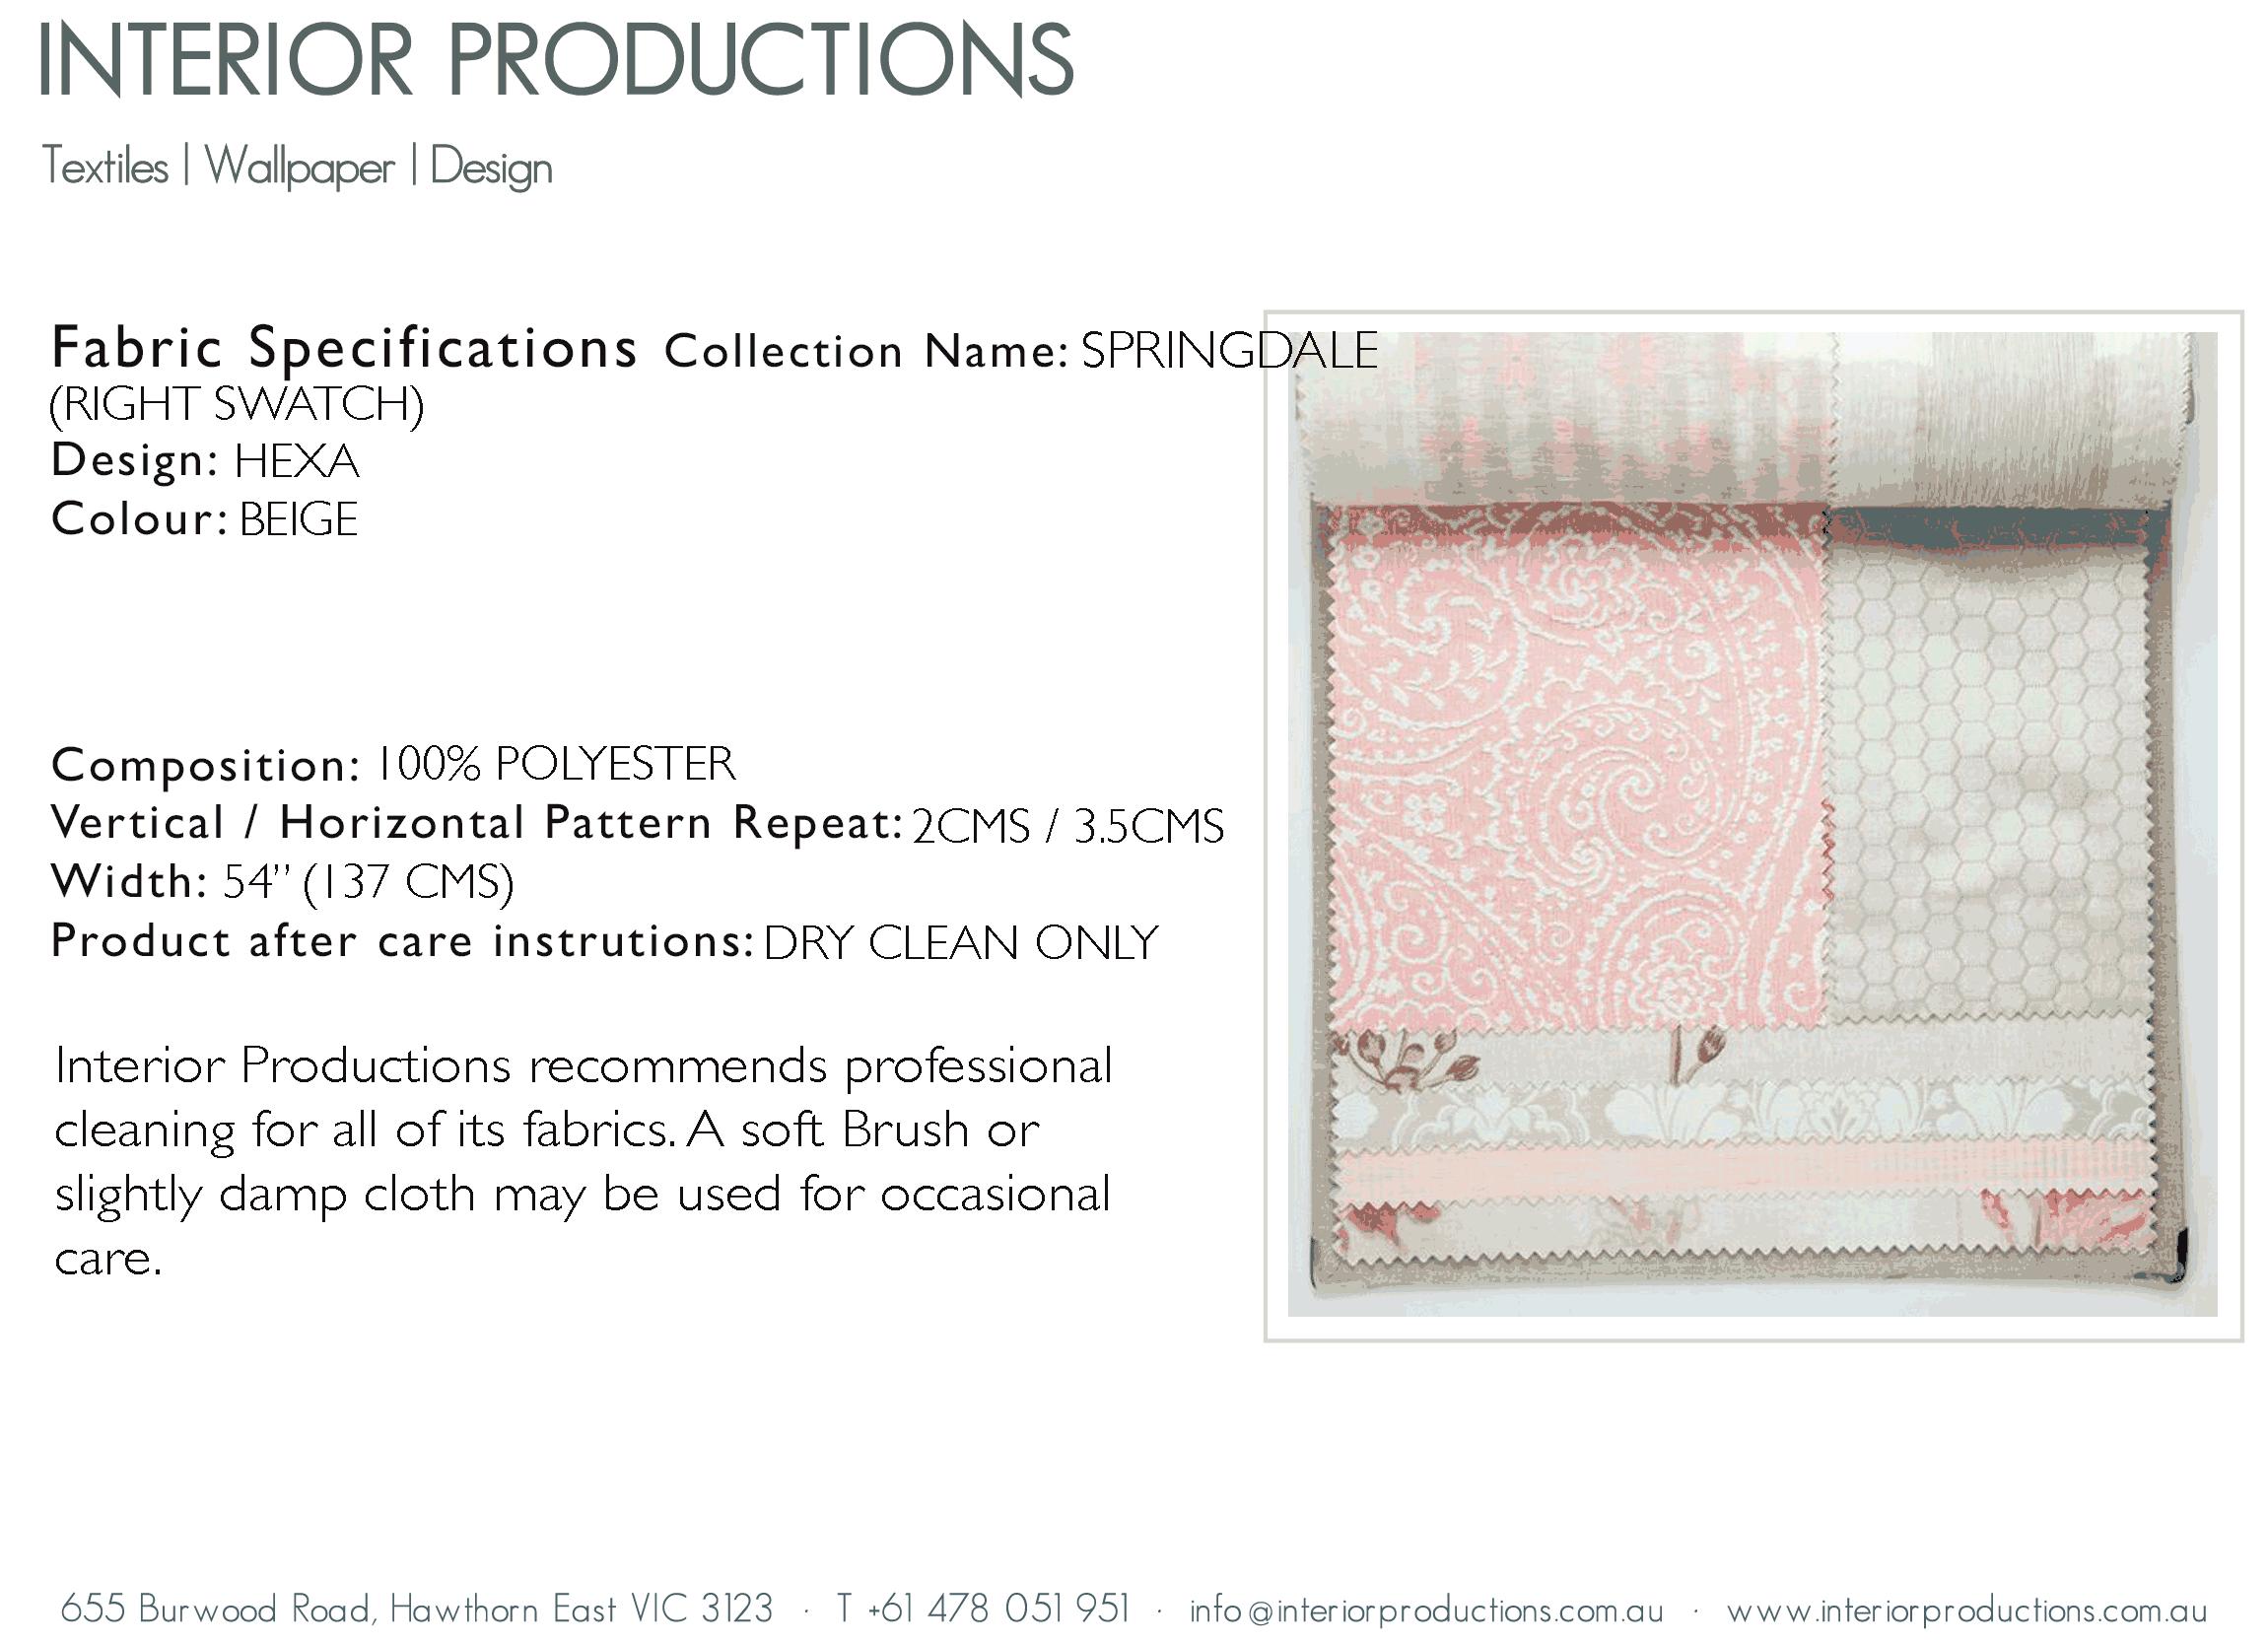 interior_productions_HEXA---BEIGE